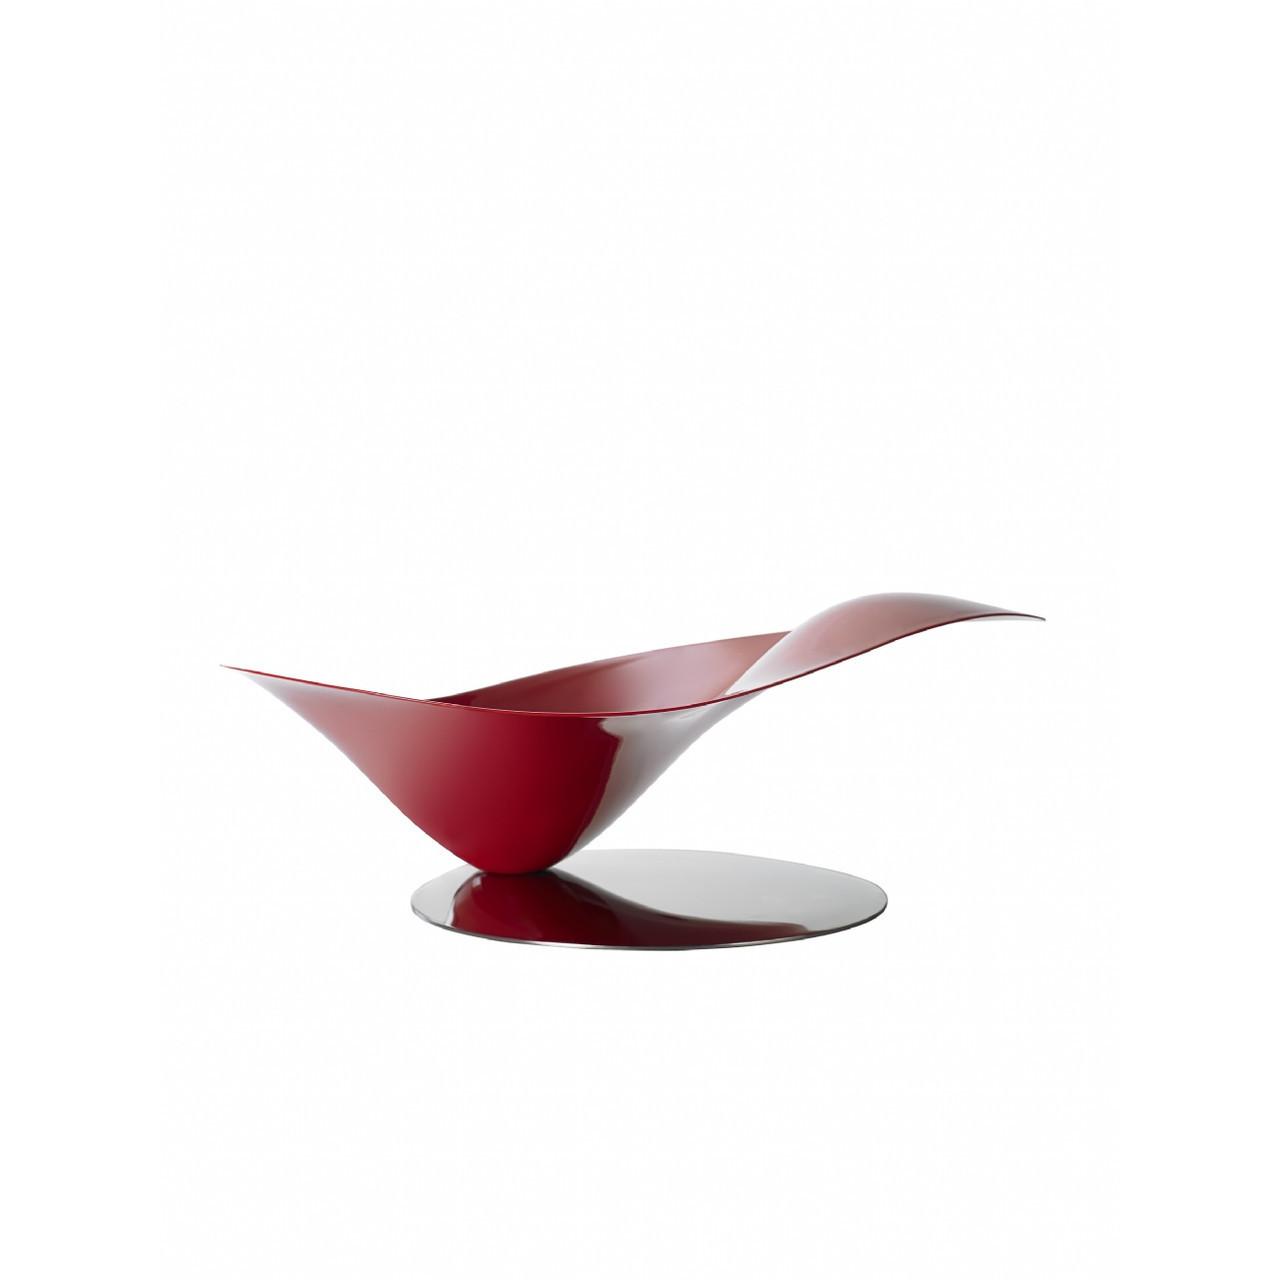 Ваза для фруктов Casa Bugatti 21-PETALOI3, цвет красный